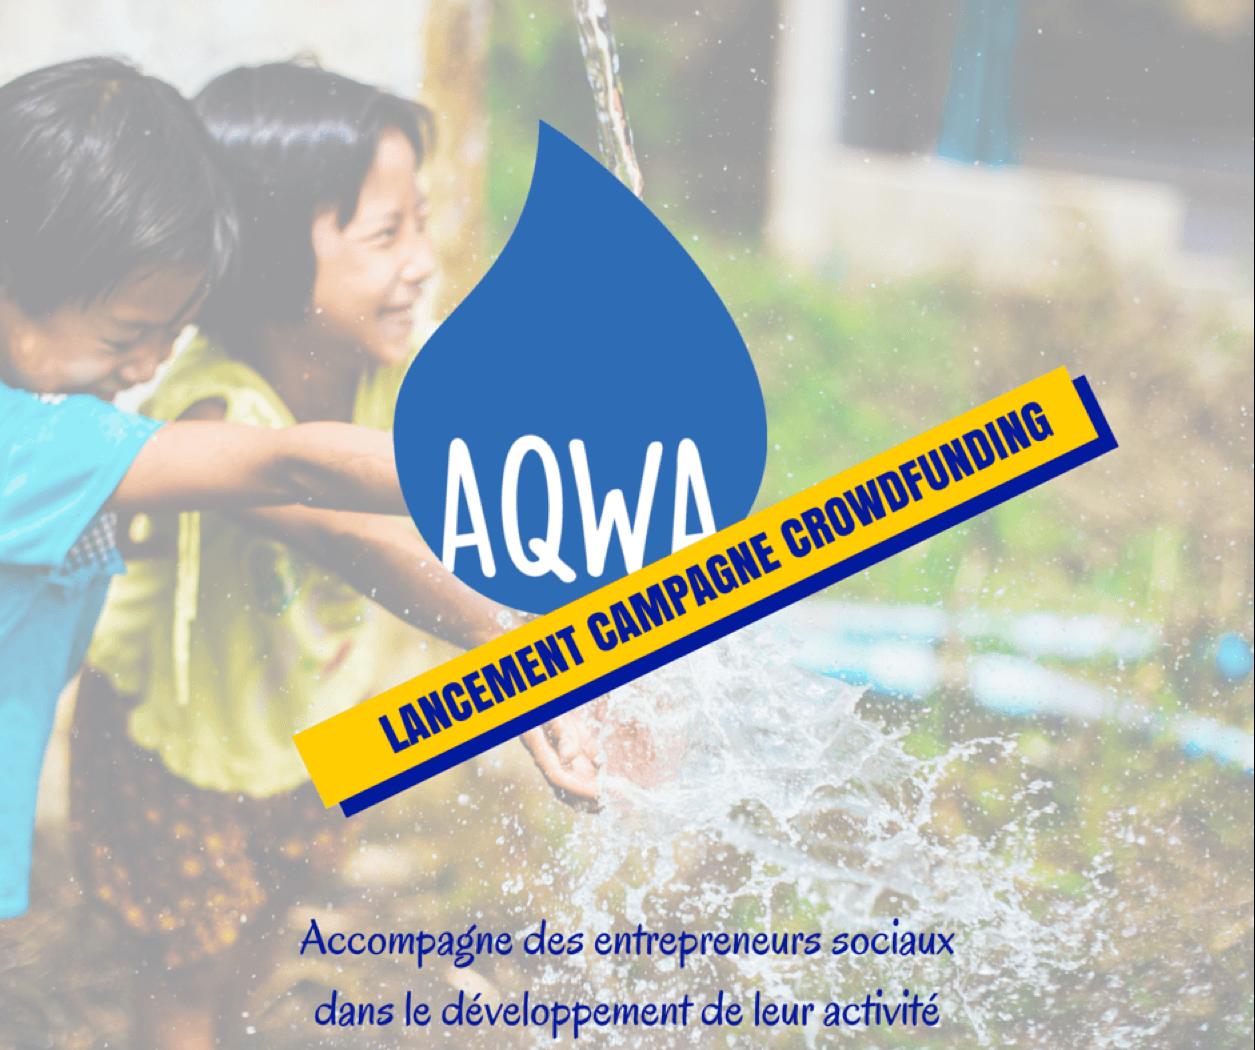 entrepreneurs sociaux aqwa